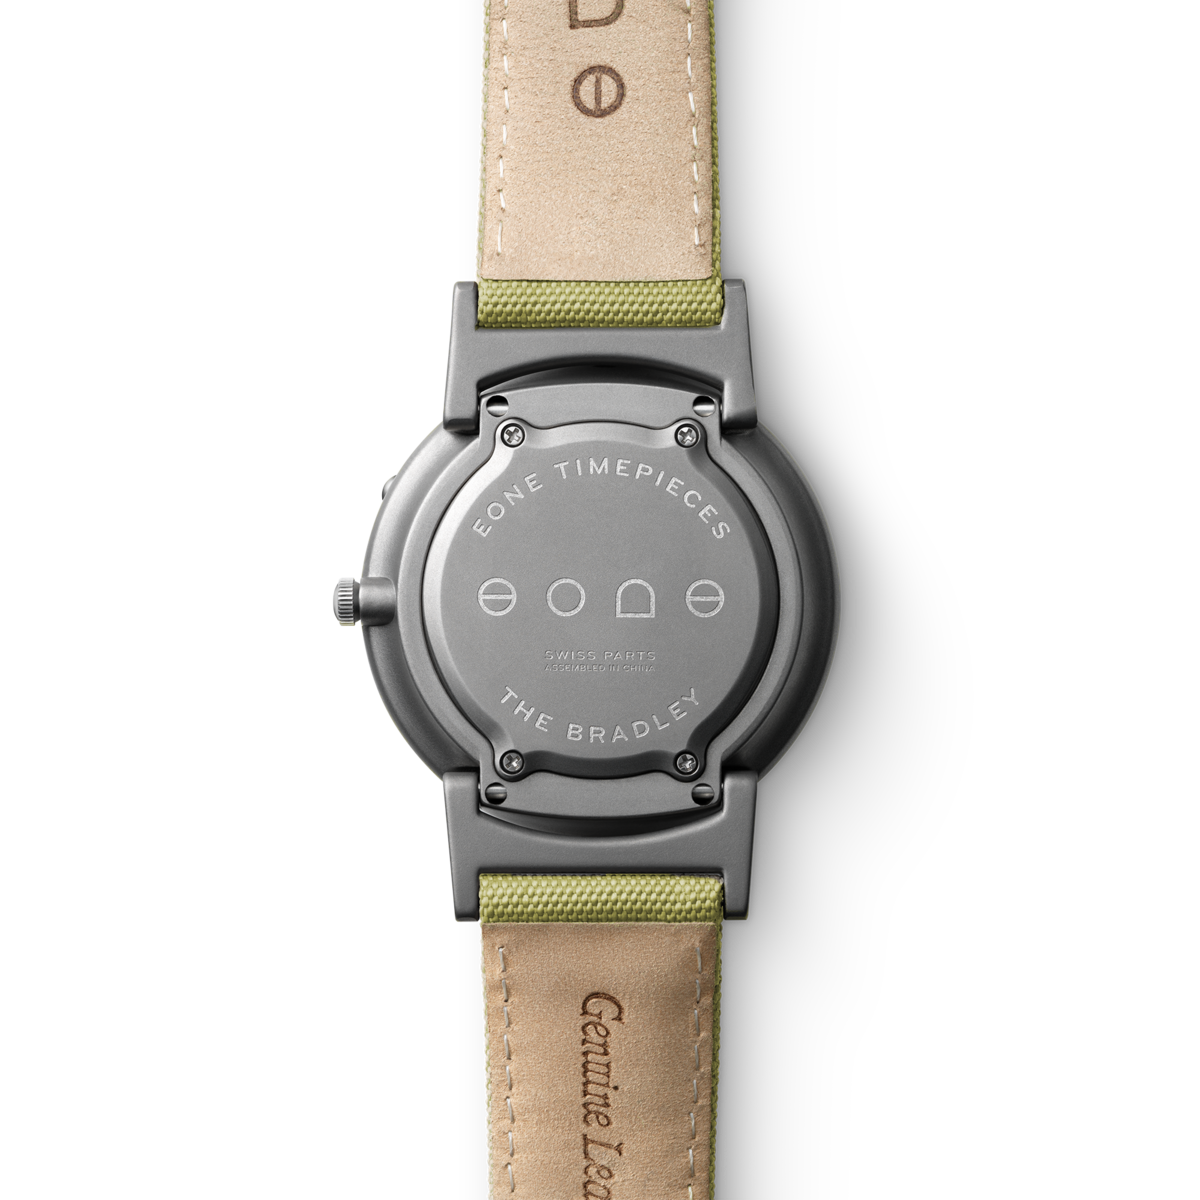 苹果s4腕表_classic 超轻钛金属表壳触感磁力腕表红点设计大奖 经典系列苹果绿